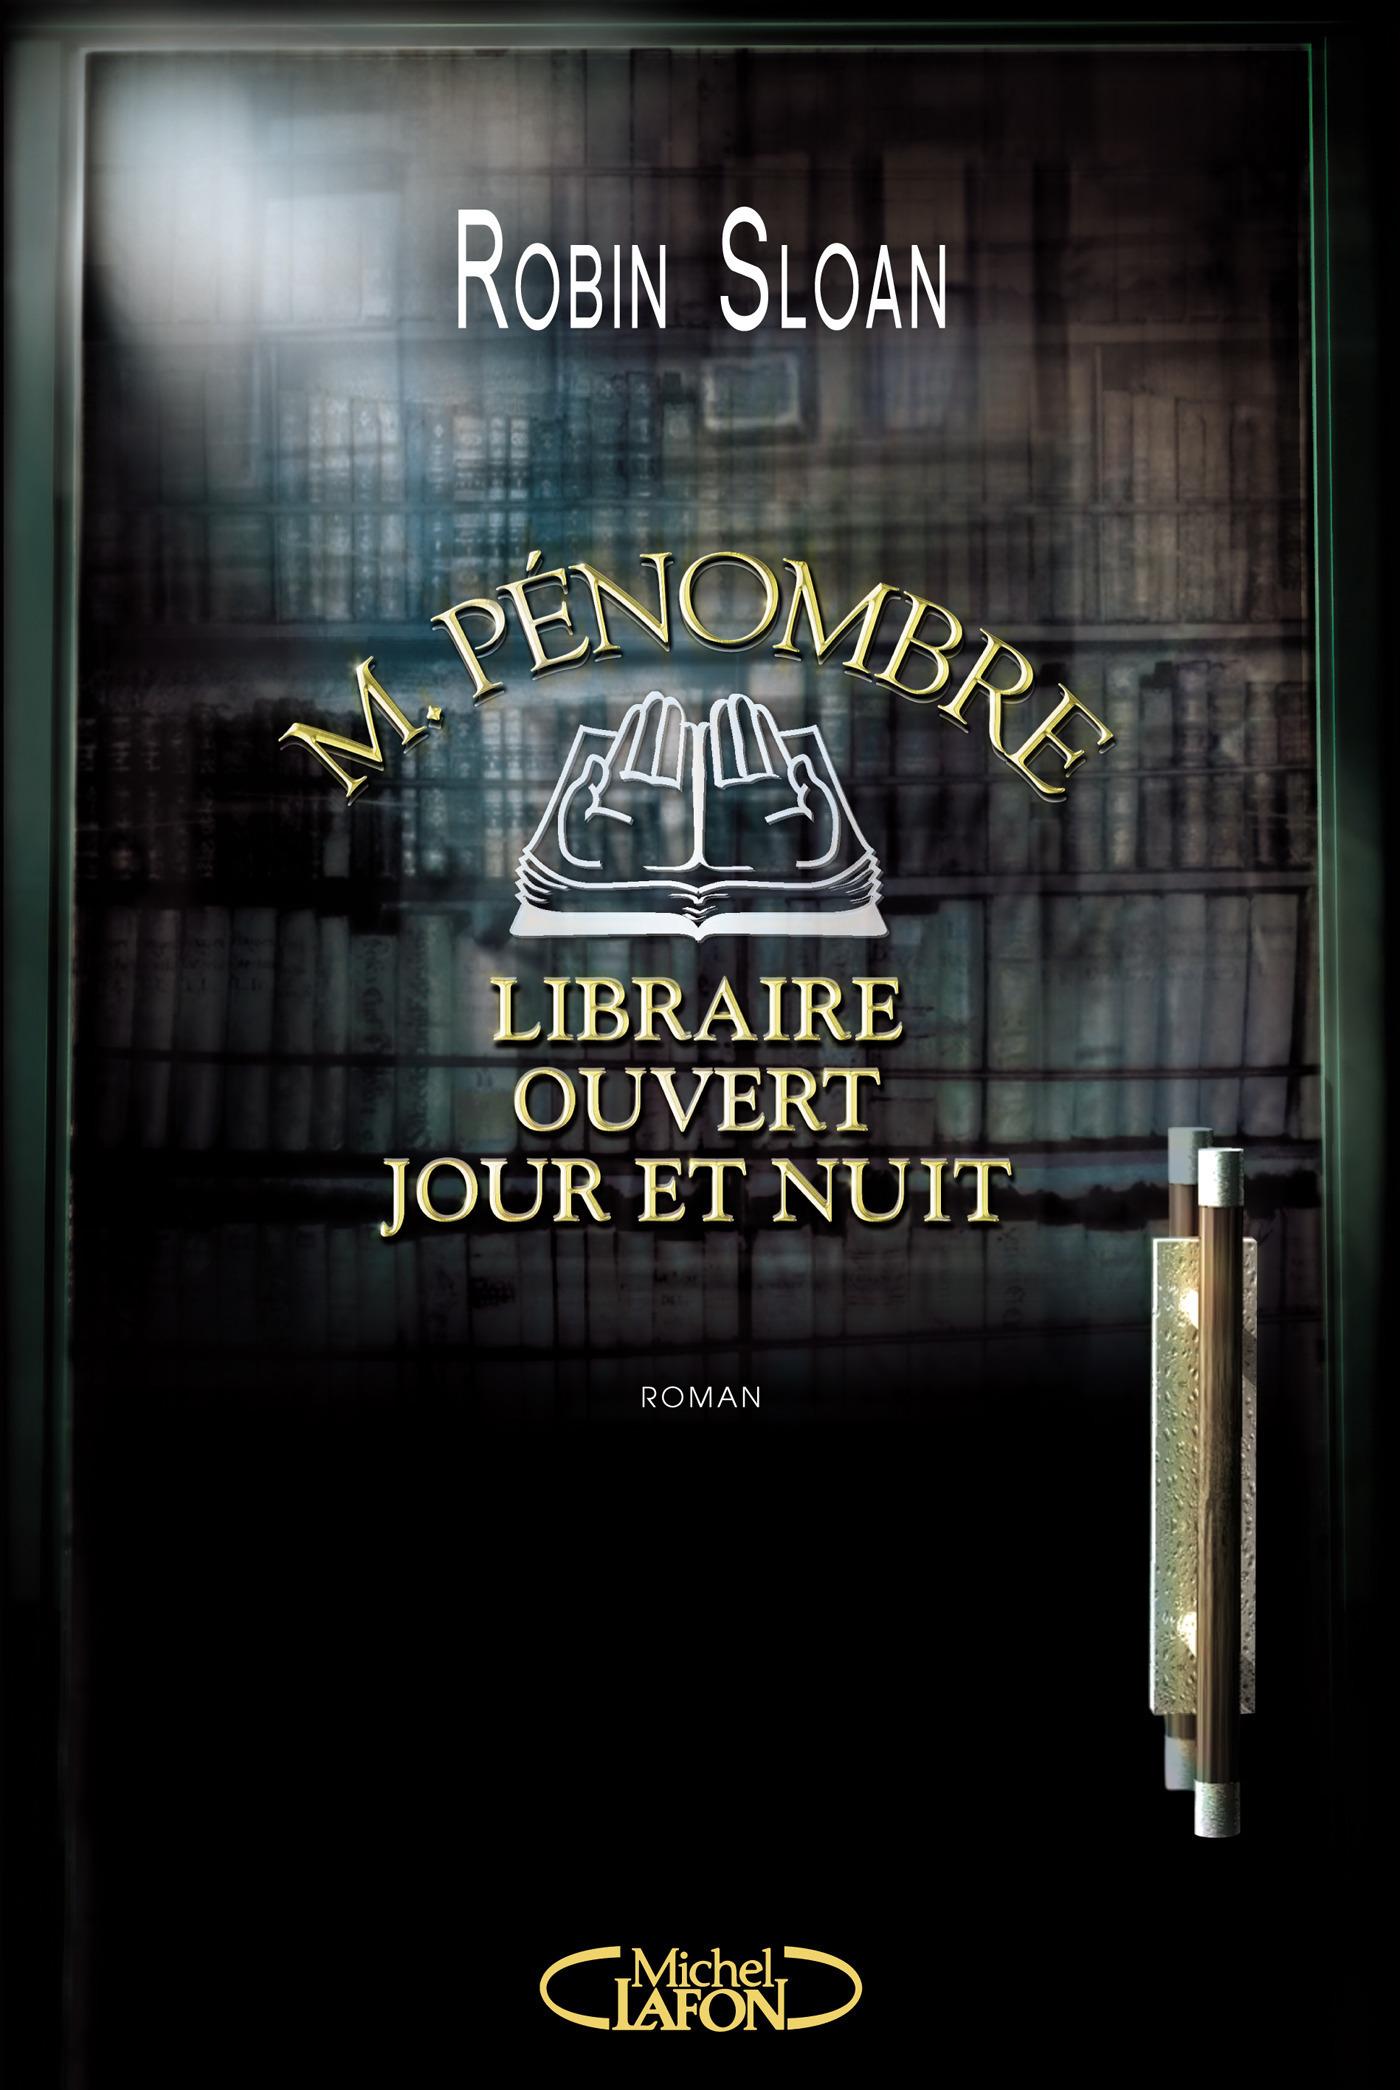 M. Pénombre, libraire ouvert jour et nuit (ebook)